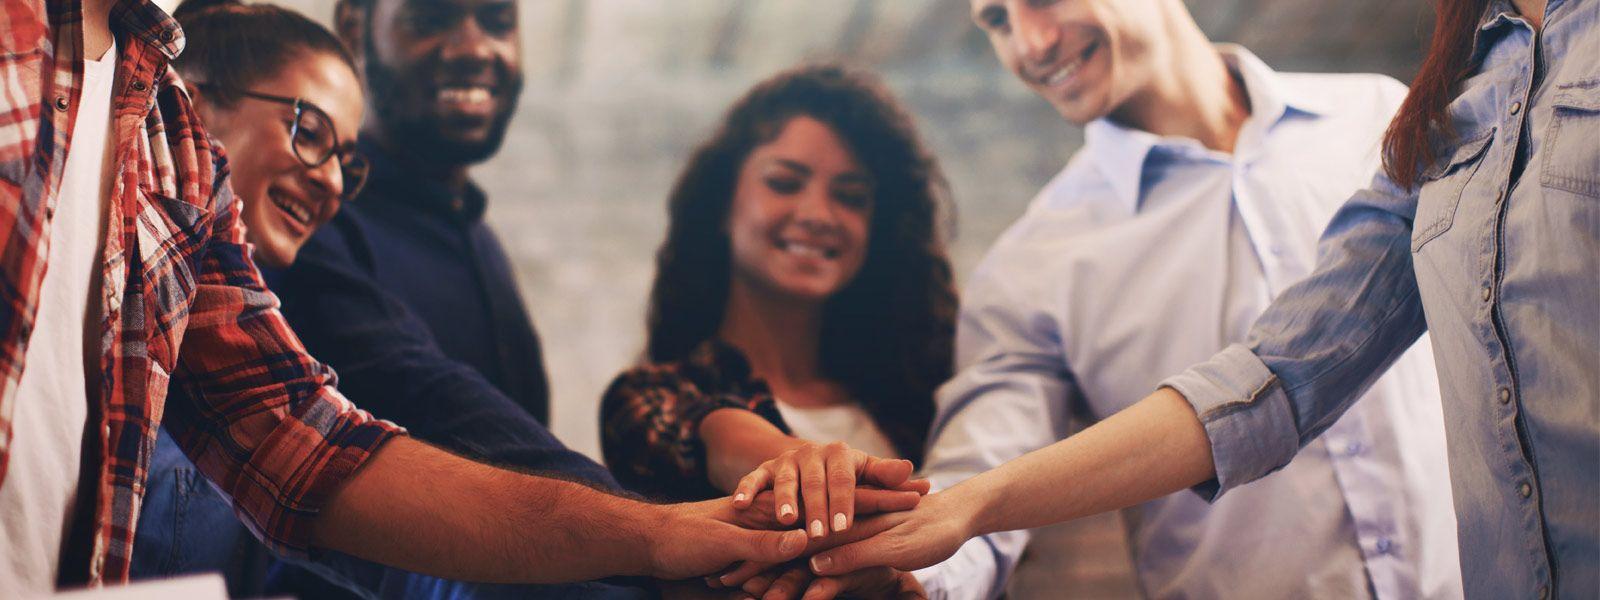 (c) Fondation-entreprendre.org